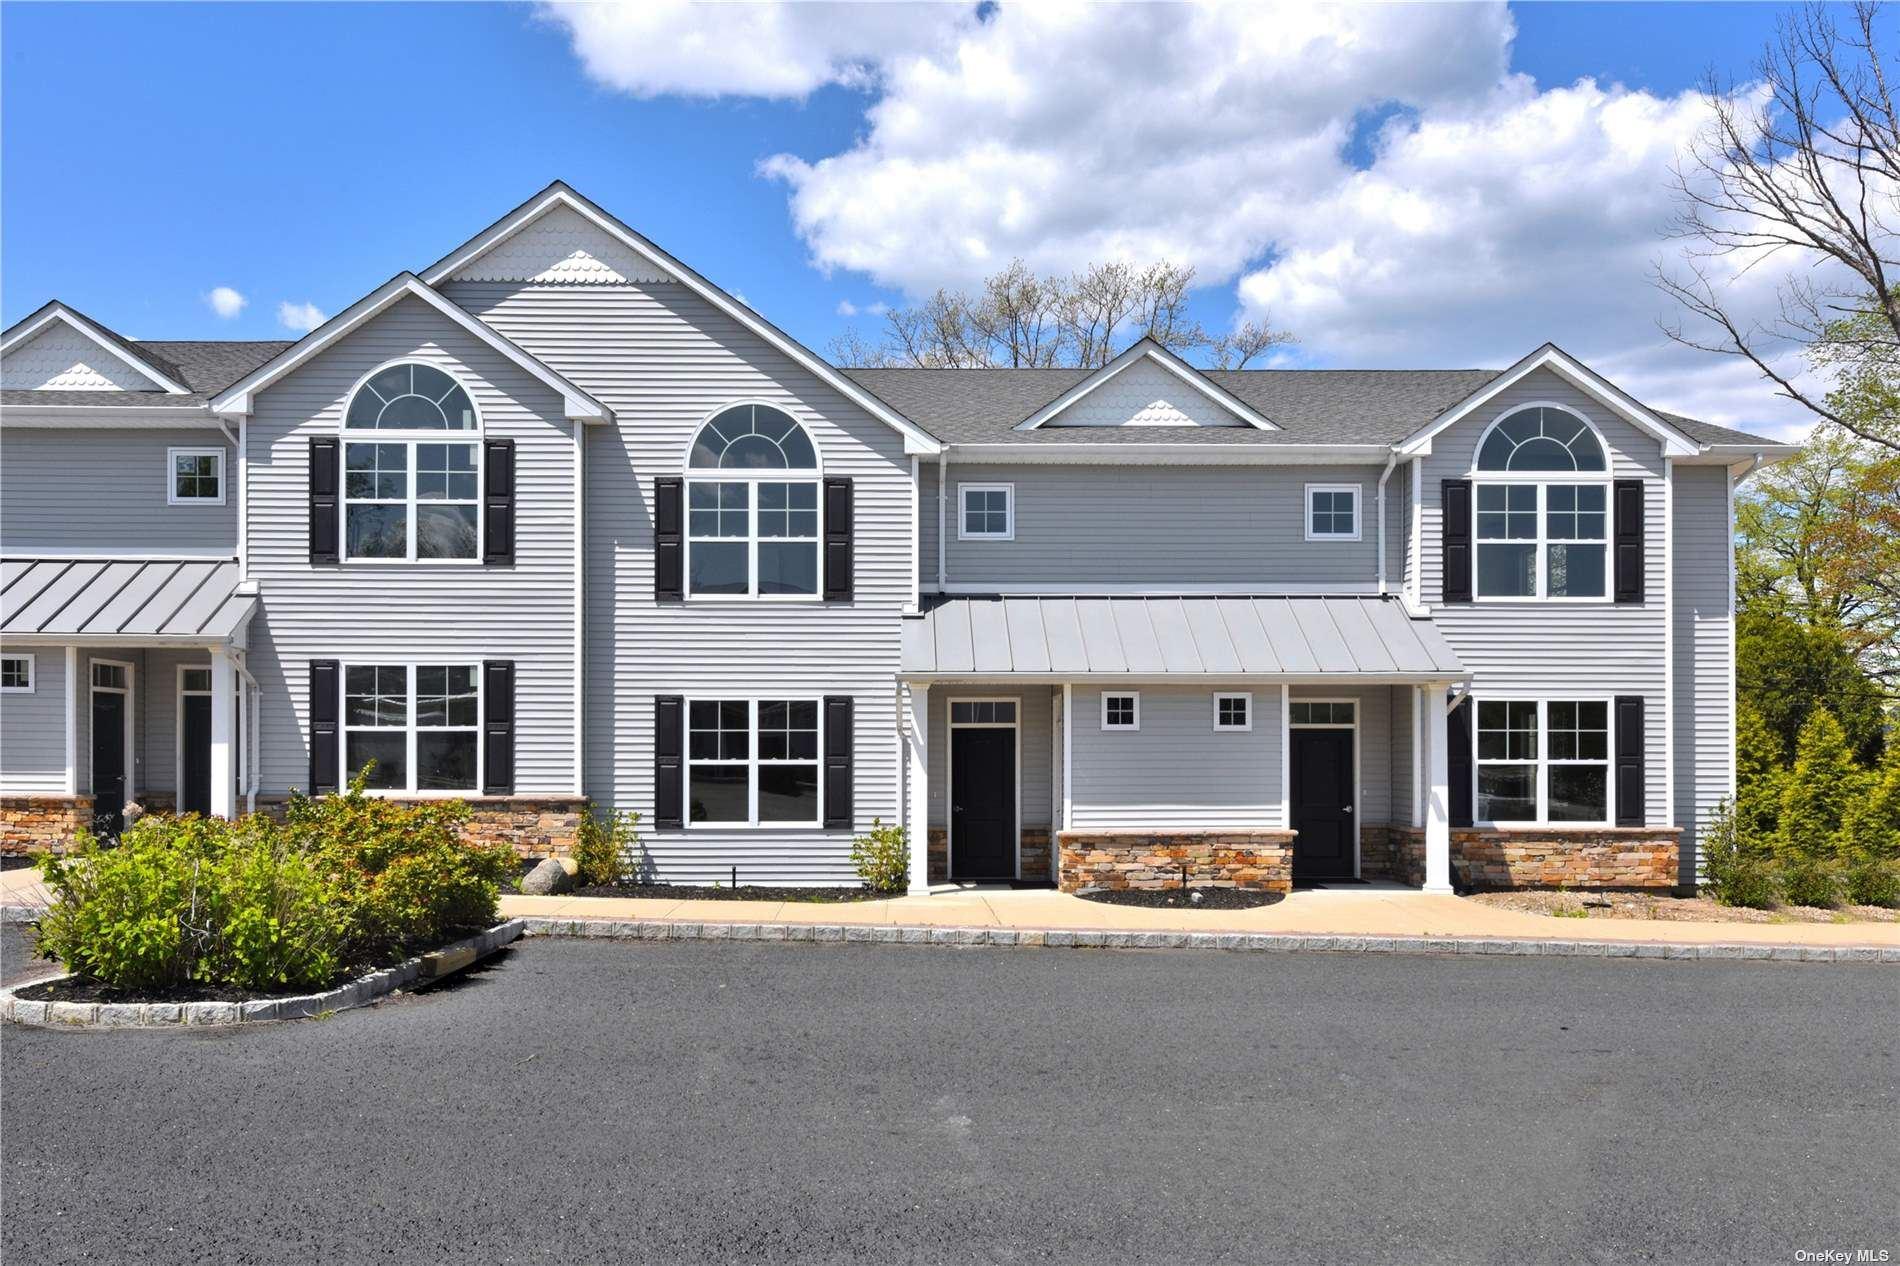 610 Breton Way, Glen Cove, NY 11542 - MLS#: 3296817